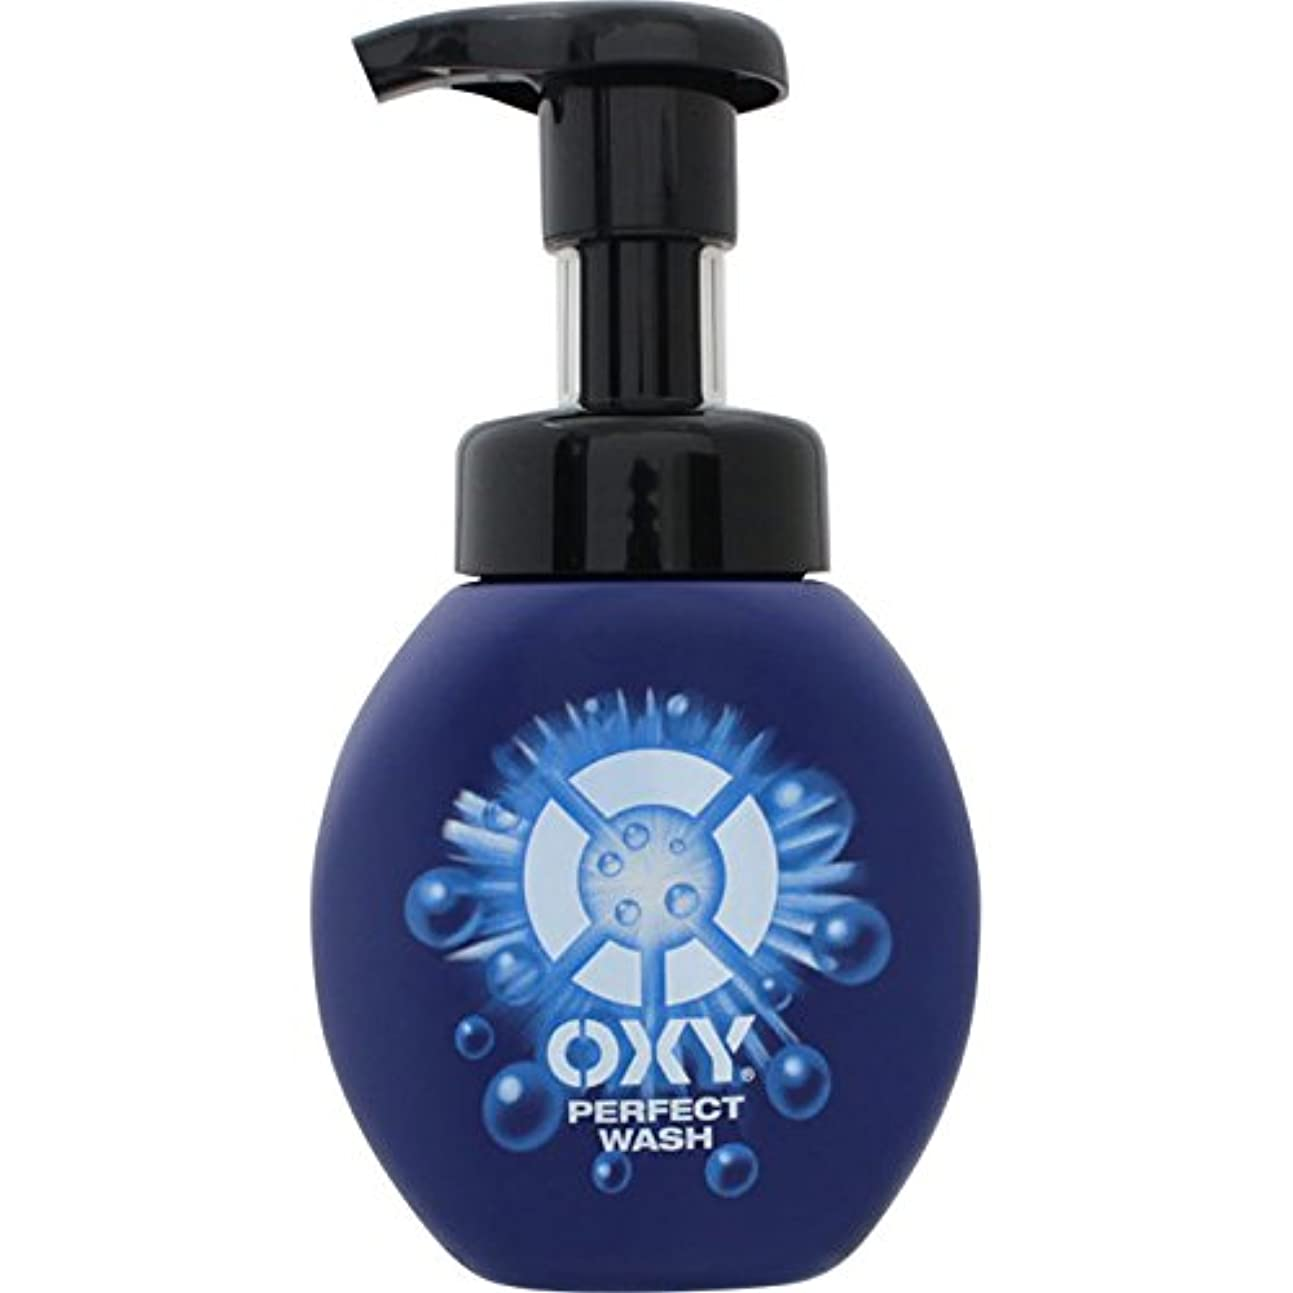 突進メディアどんよりしたオキシー (Oxy) パーフェクトウォッシュ 泡タイプ 洗顔料 150mL